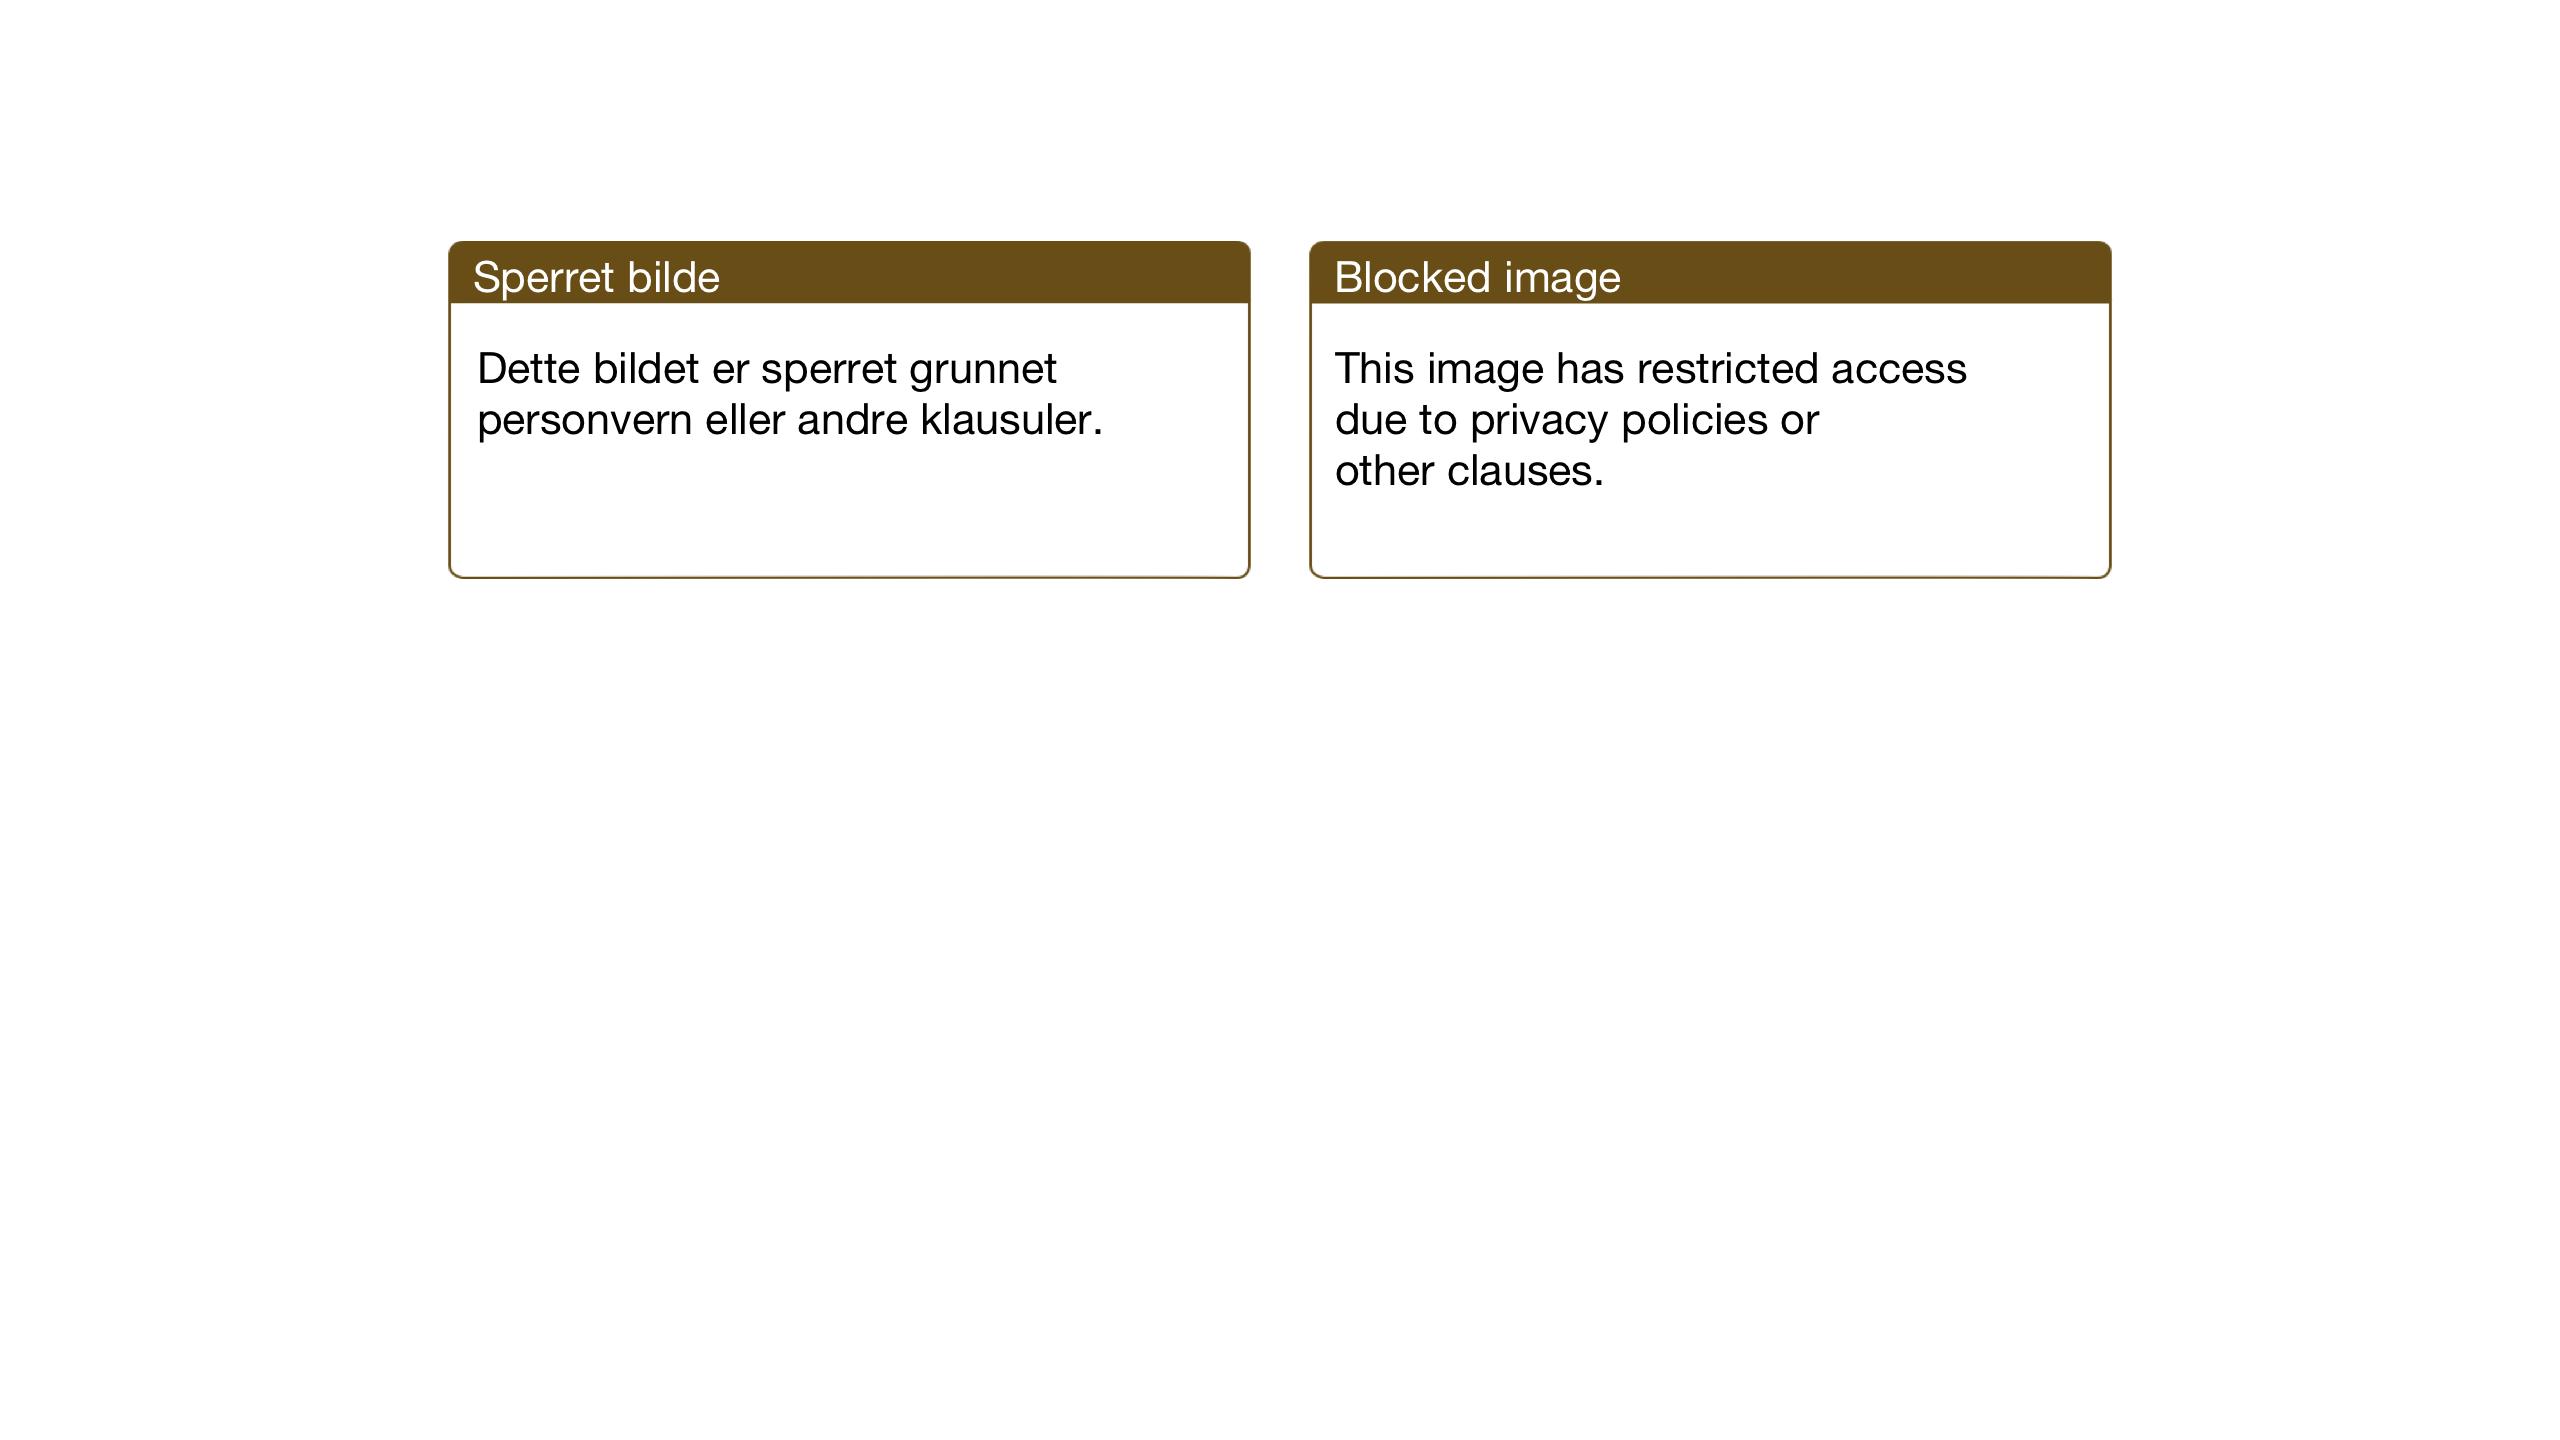 SAT, Ministerialprotokoller, klokkerbøker og fødselsregistre - Nord-Trøndelag, 784/L0678: Ministerialbok nr. 784A13, 1921-1938, s. 87